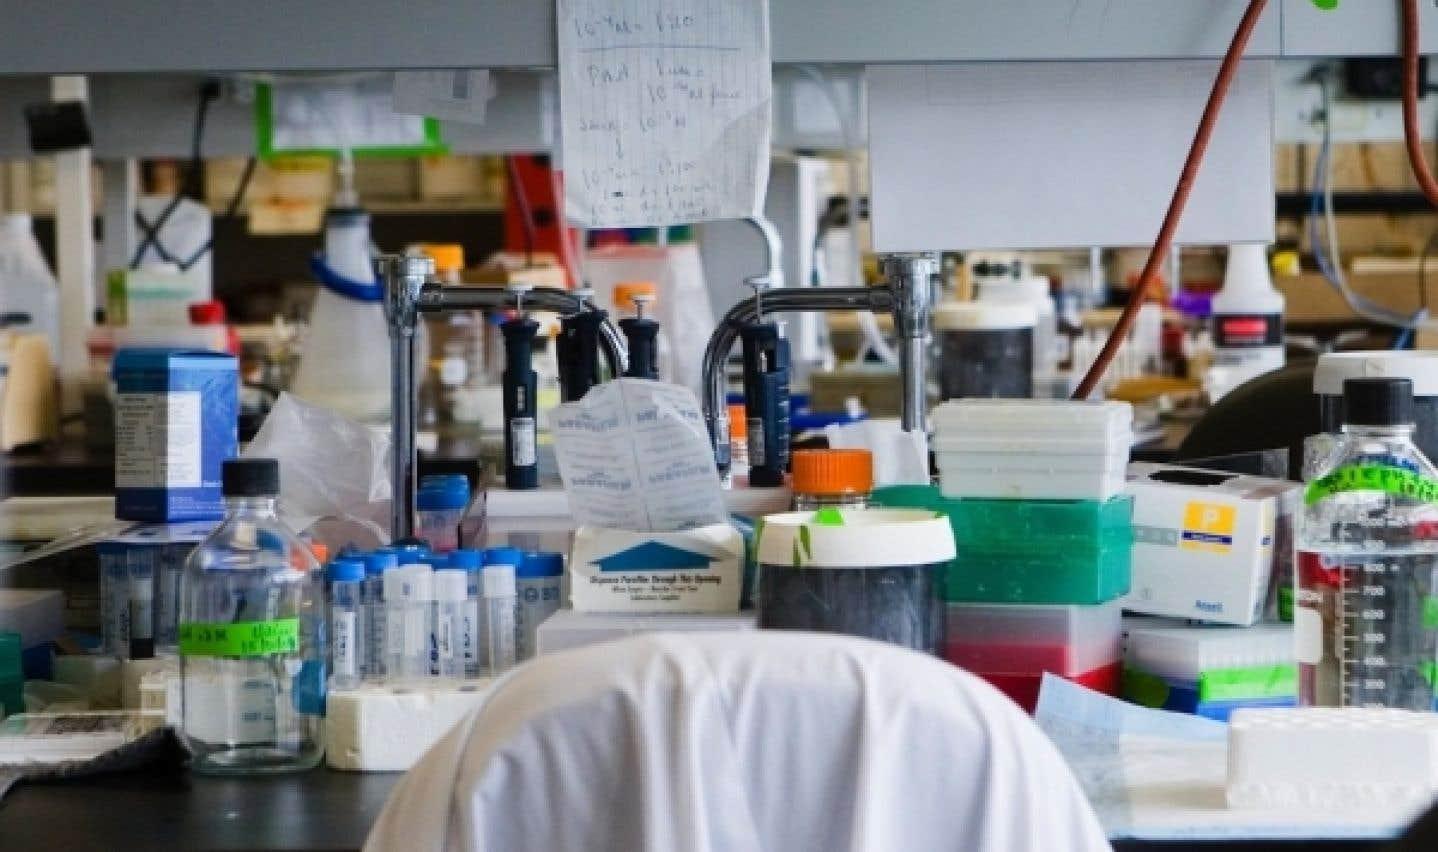 Ottawa abandonne la recherche fondamentale pour mieux servir les entreprises